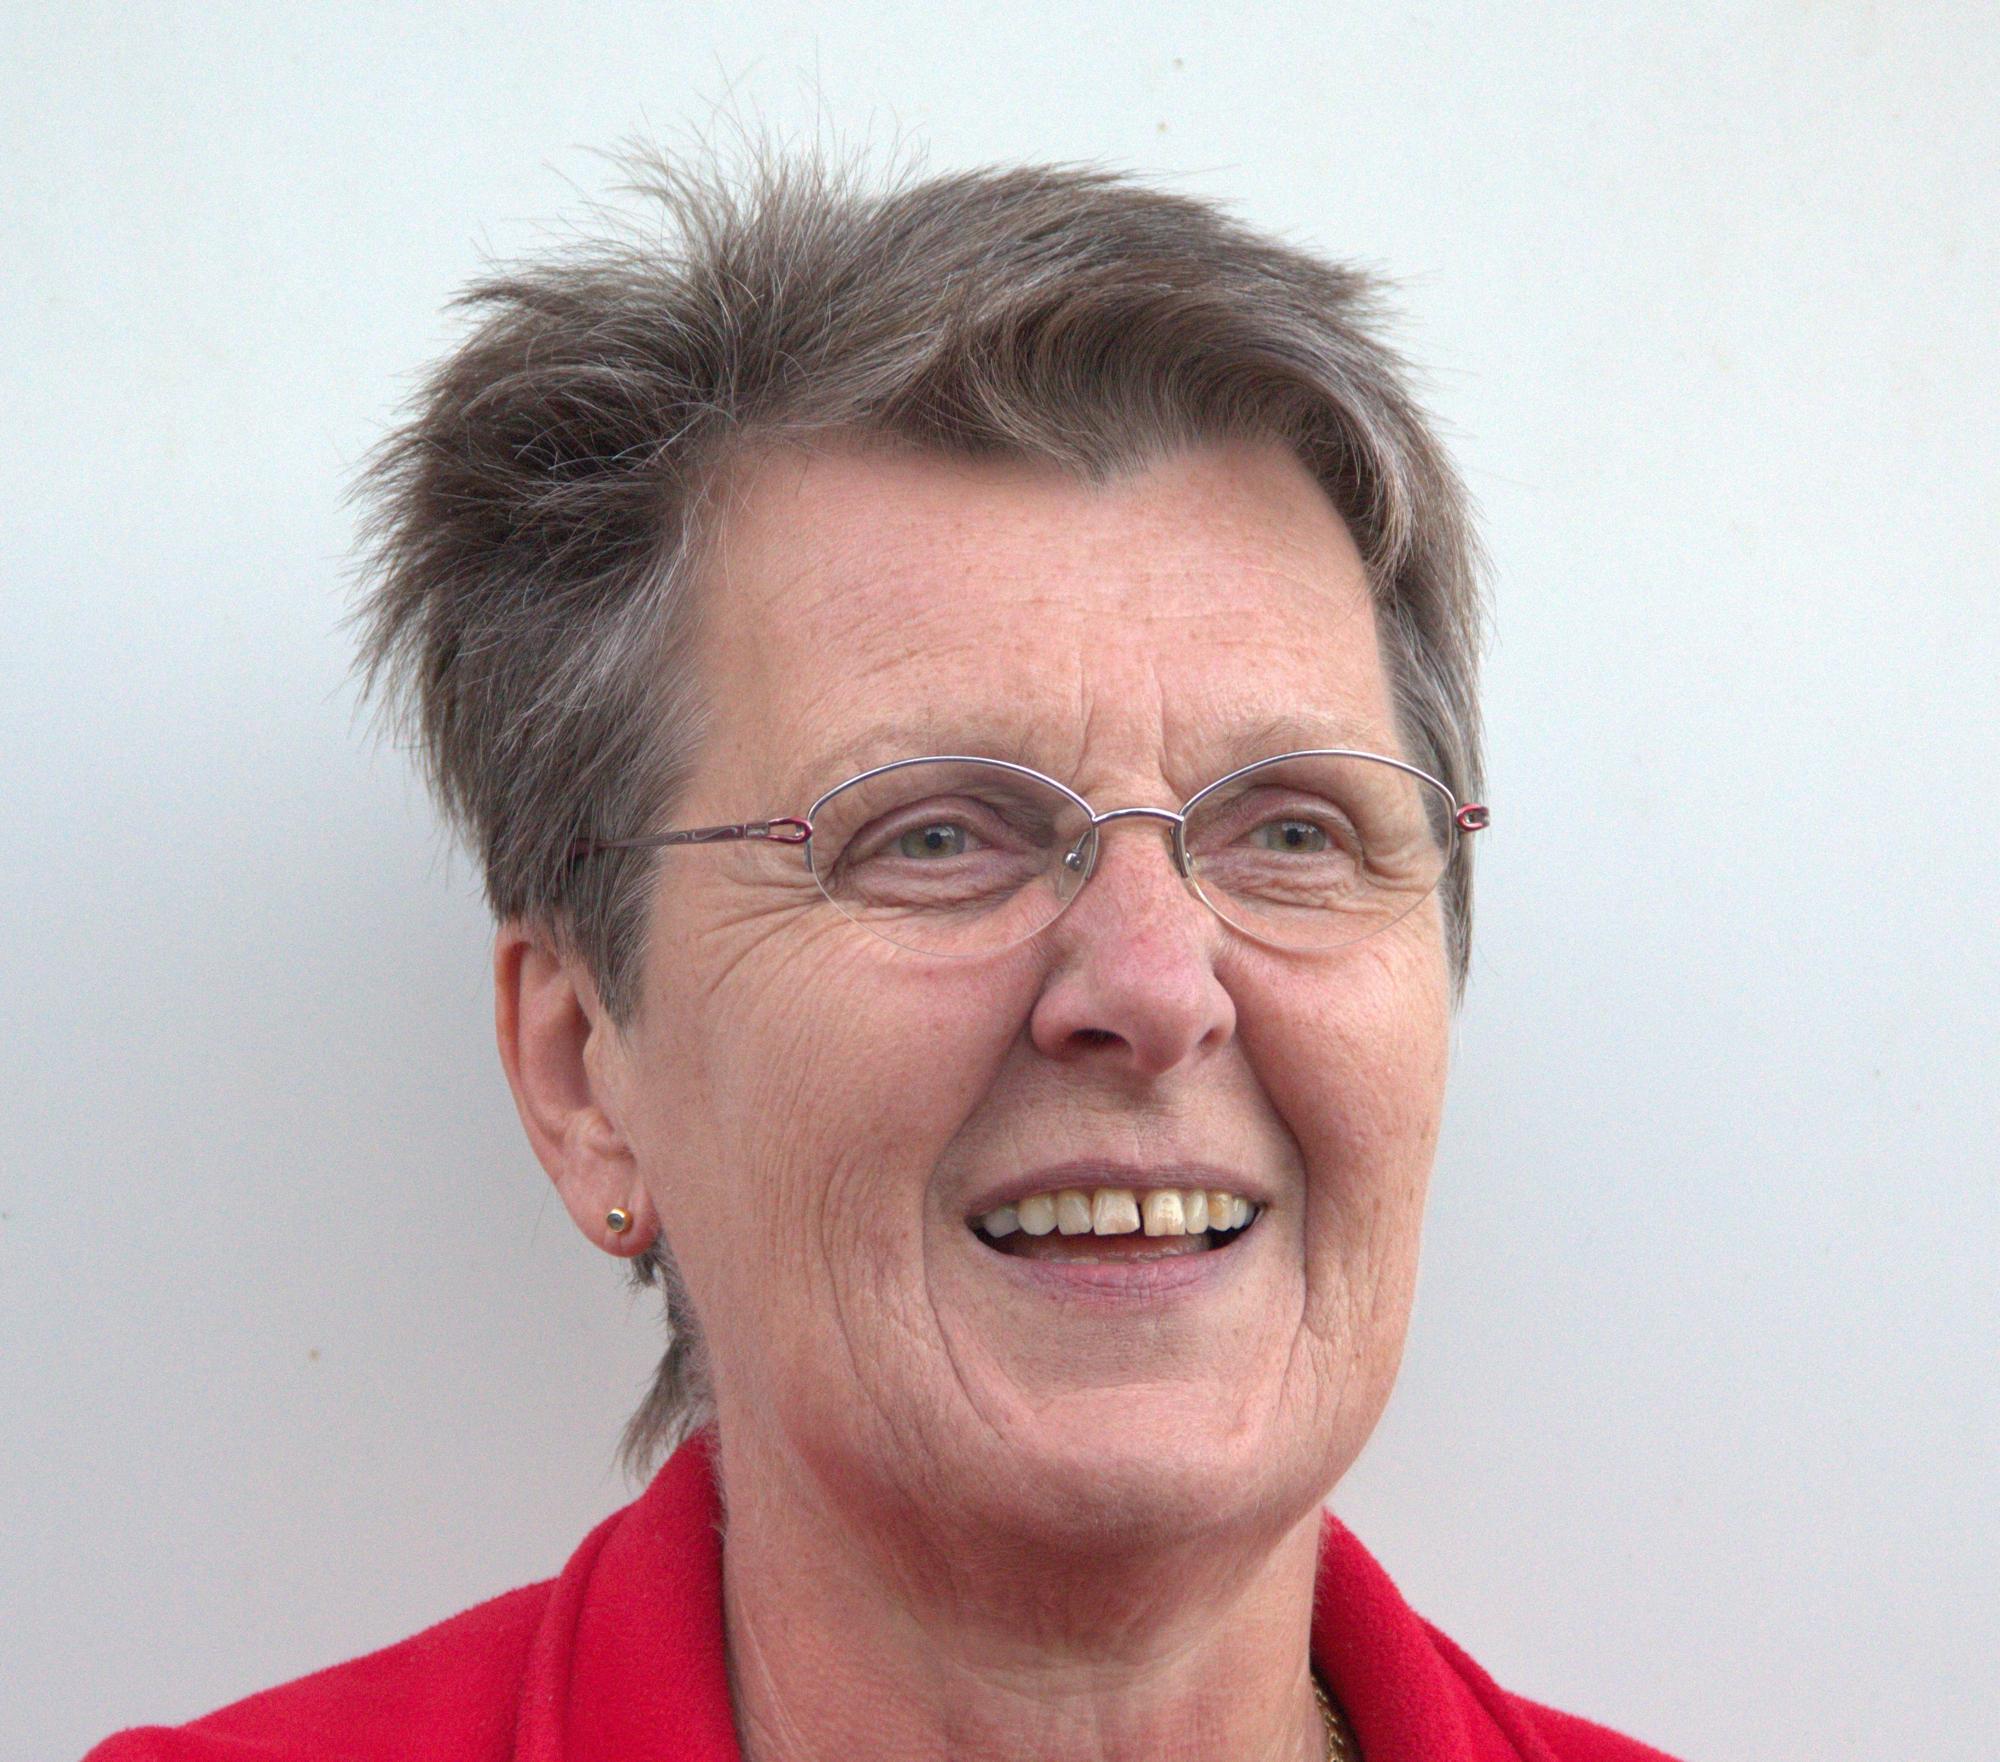 Marion Seemann